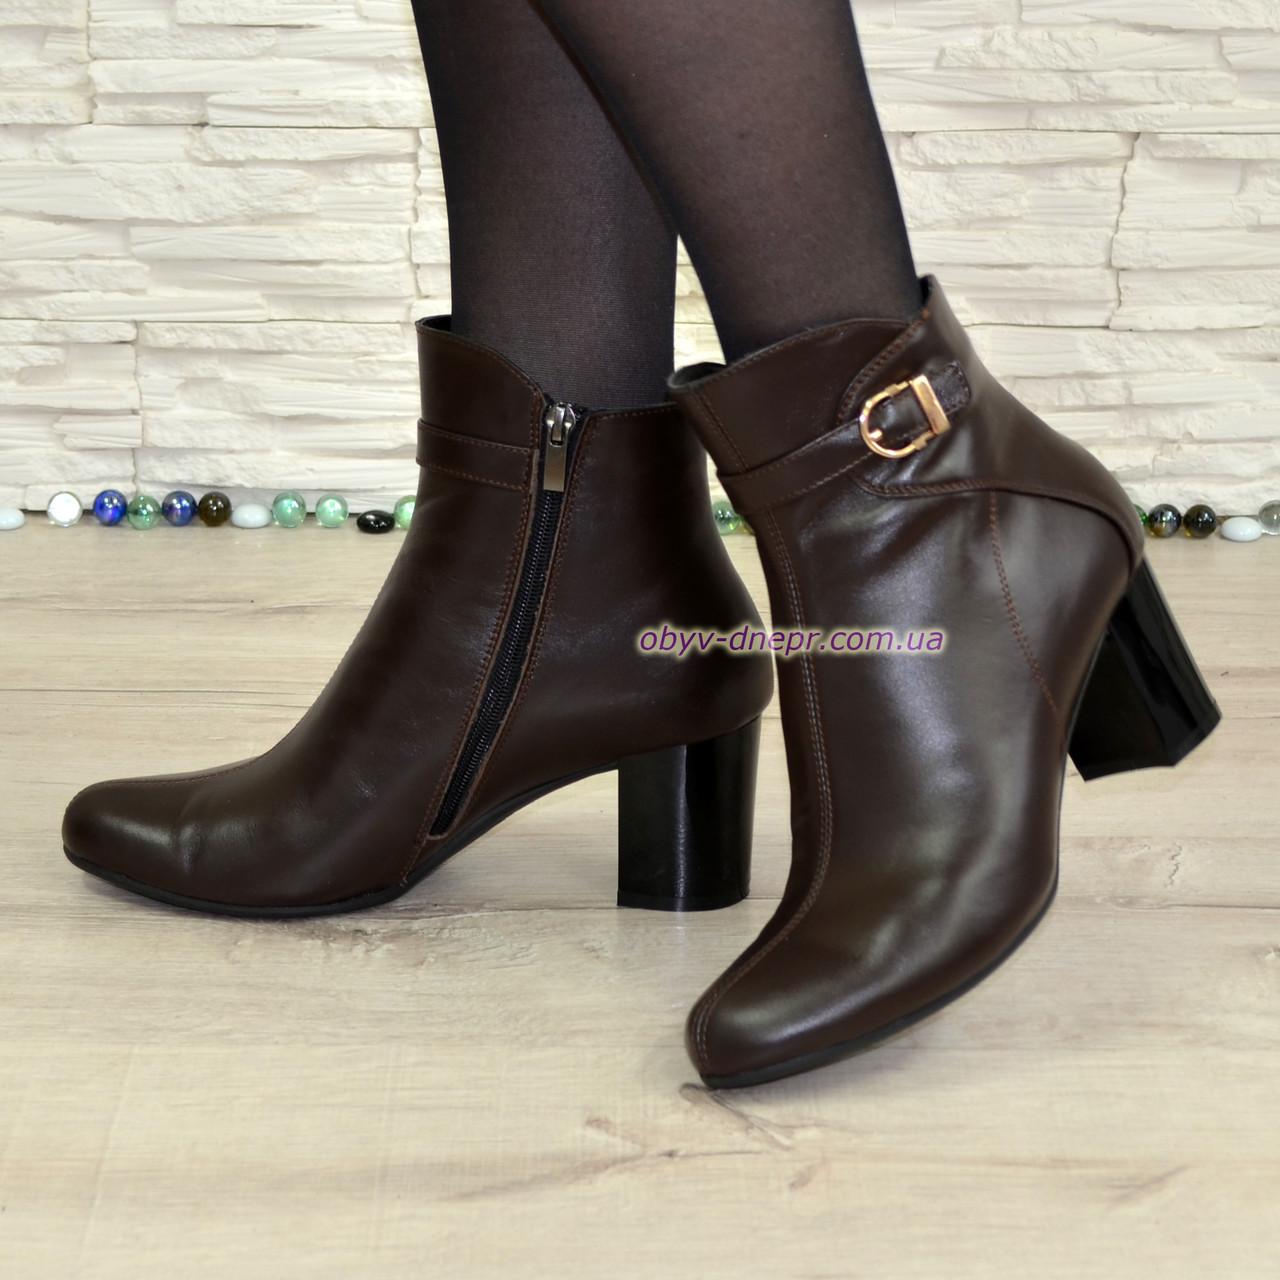 Женские кожаные коричневые ботинки на невысоком каблуке